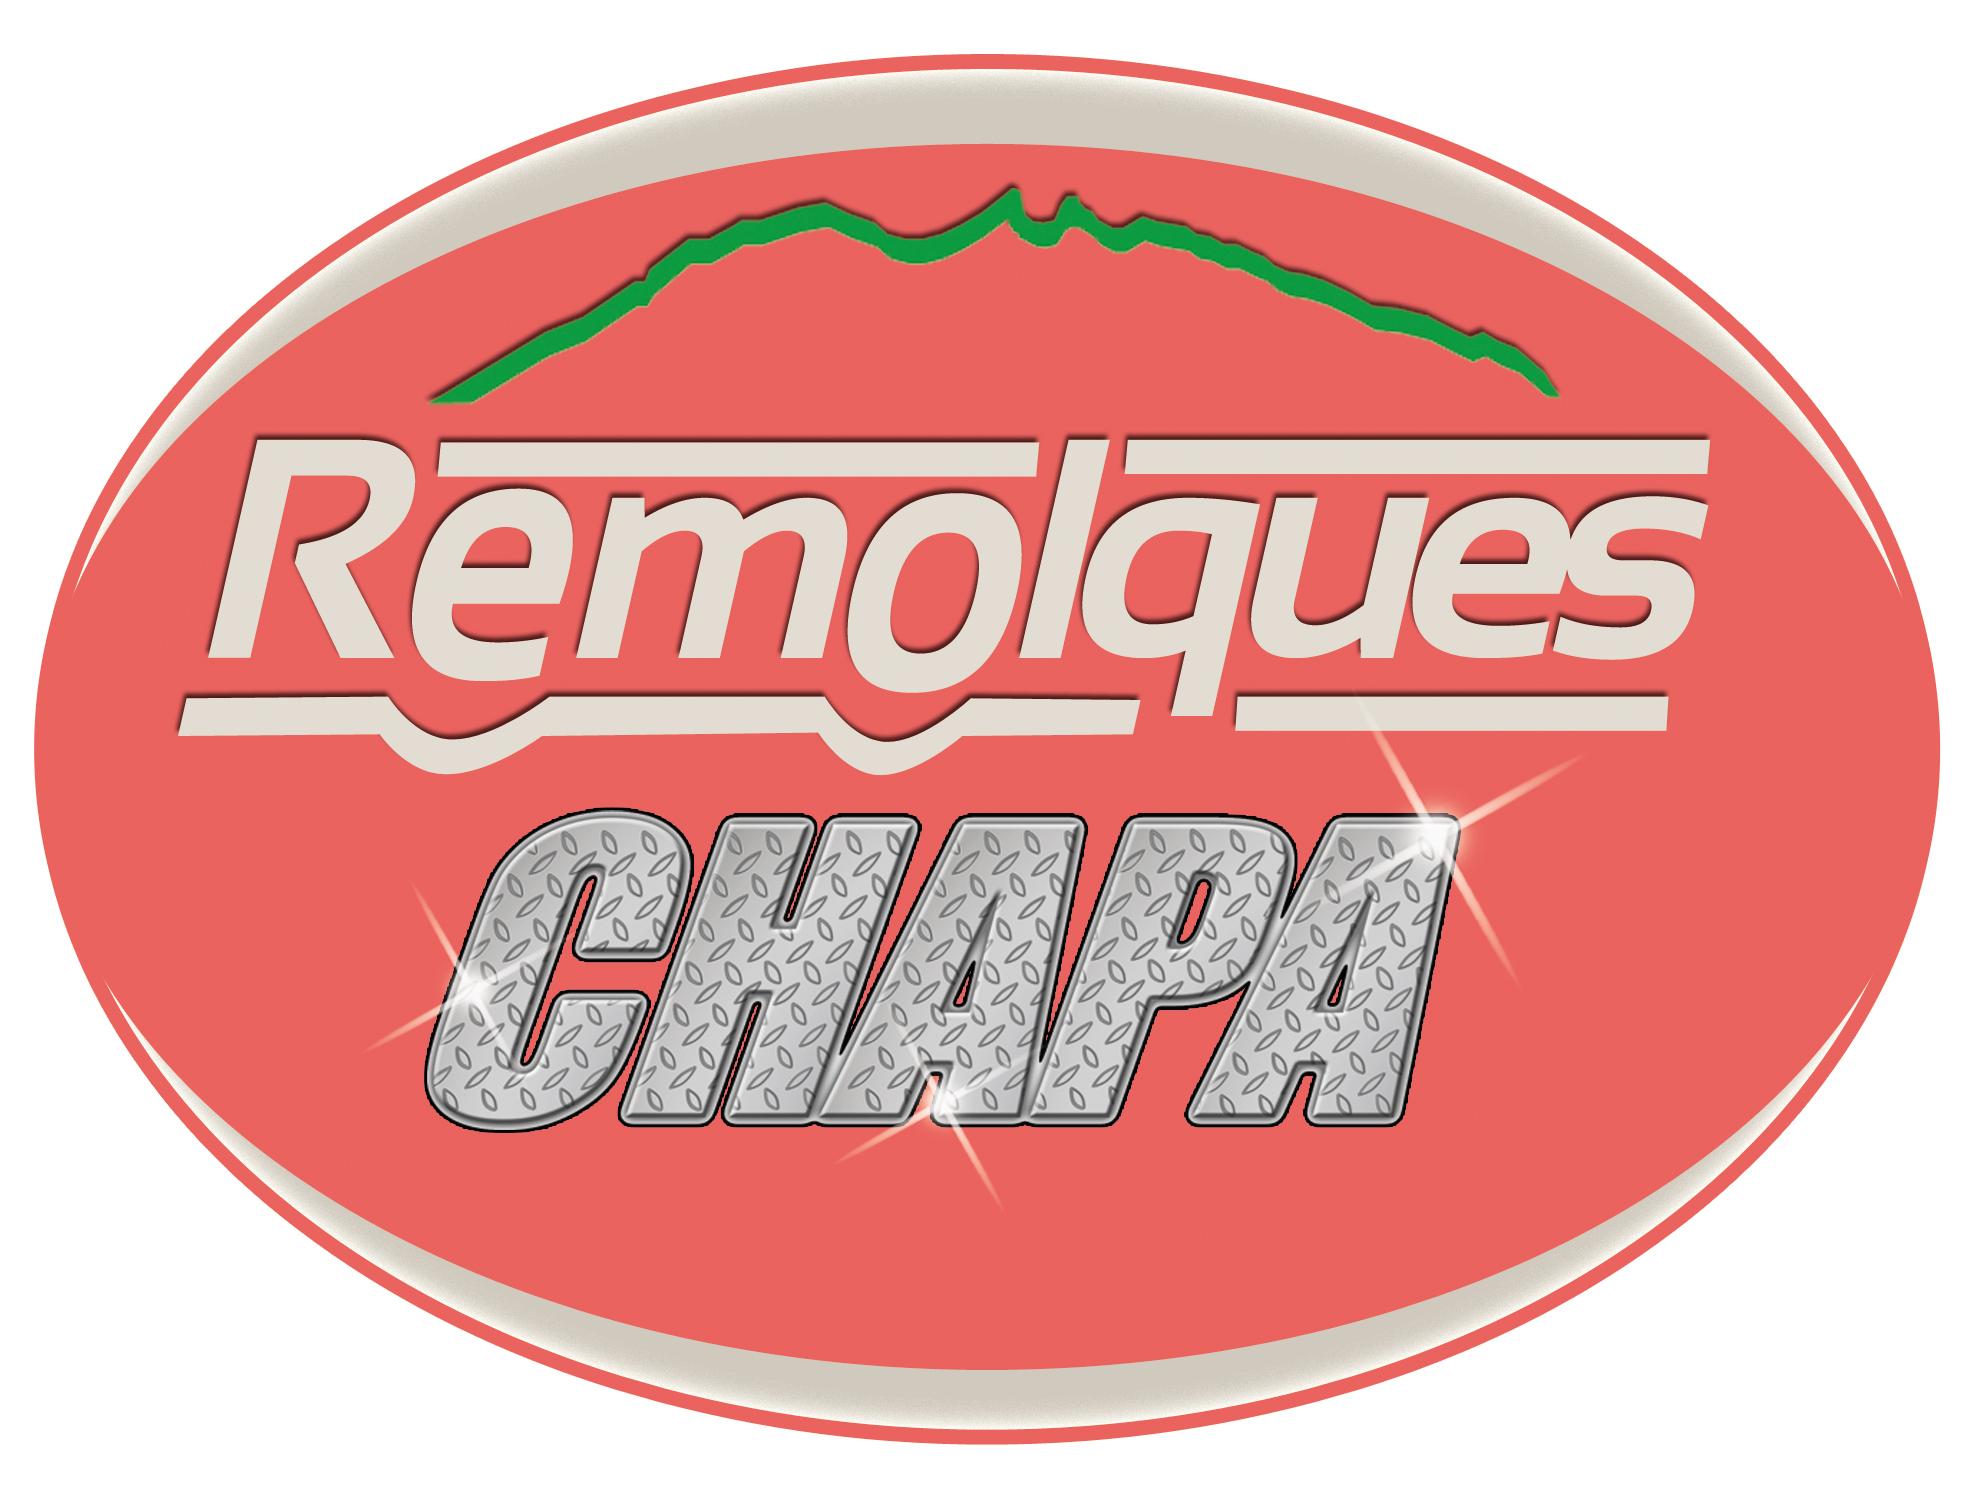 Ver más vehículos de Remolqueschapa